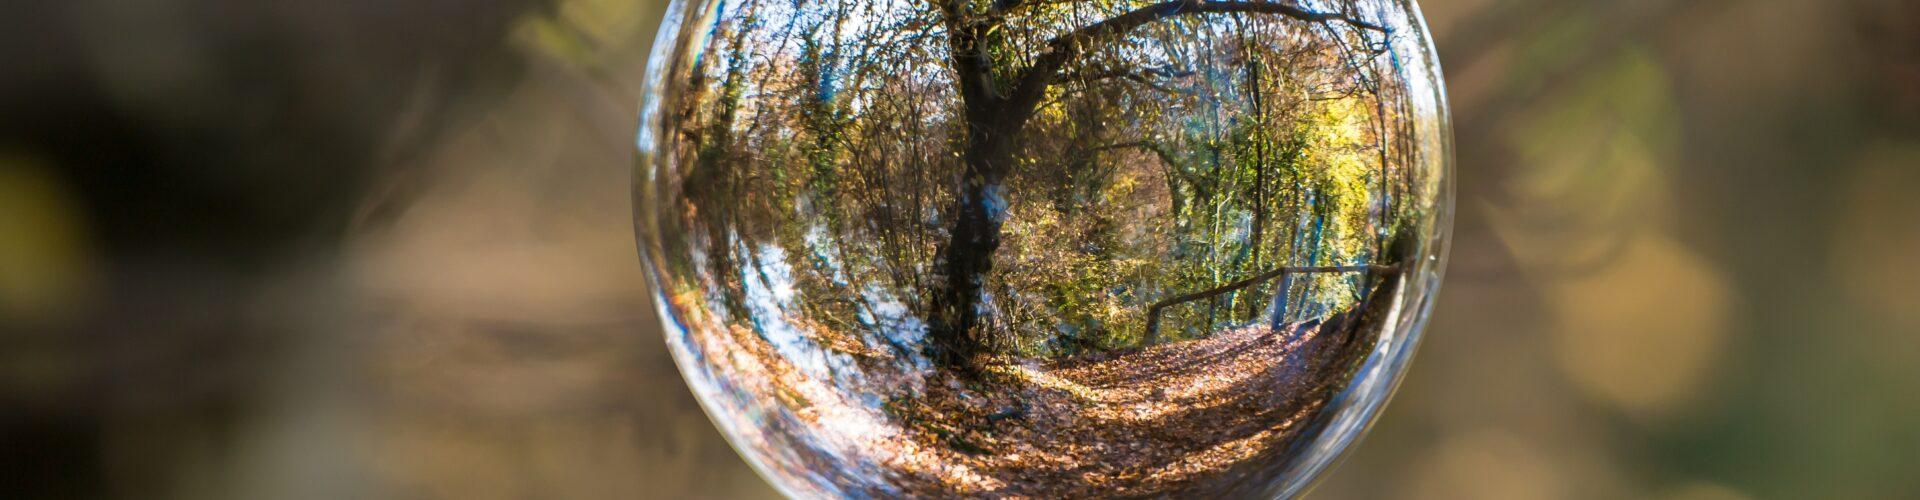 Glaskugel, in der sich ein Wald spiegelt